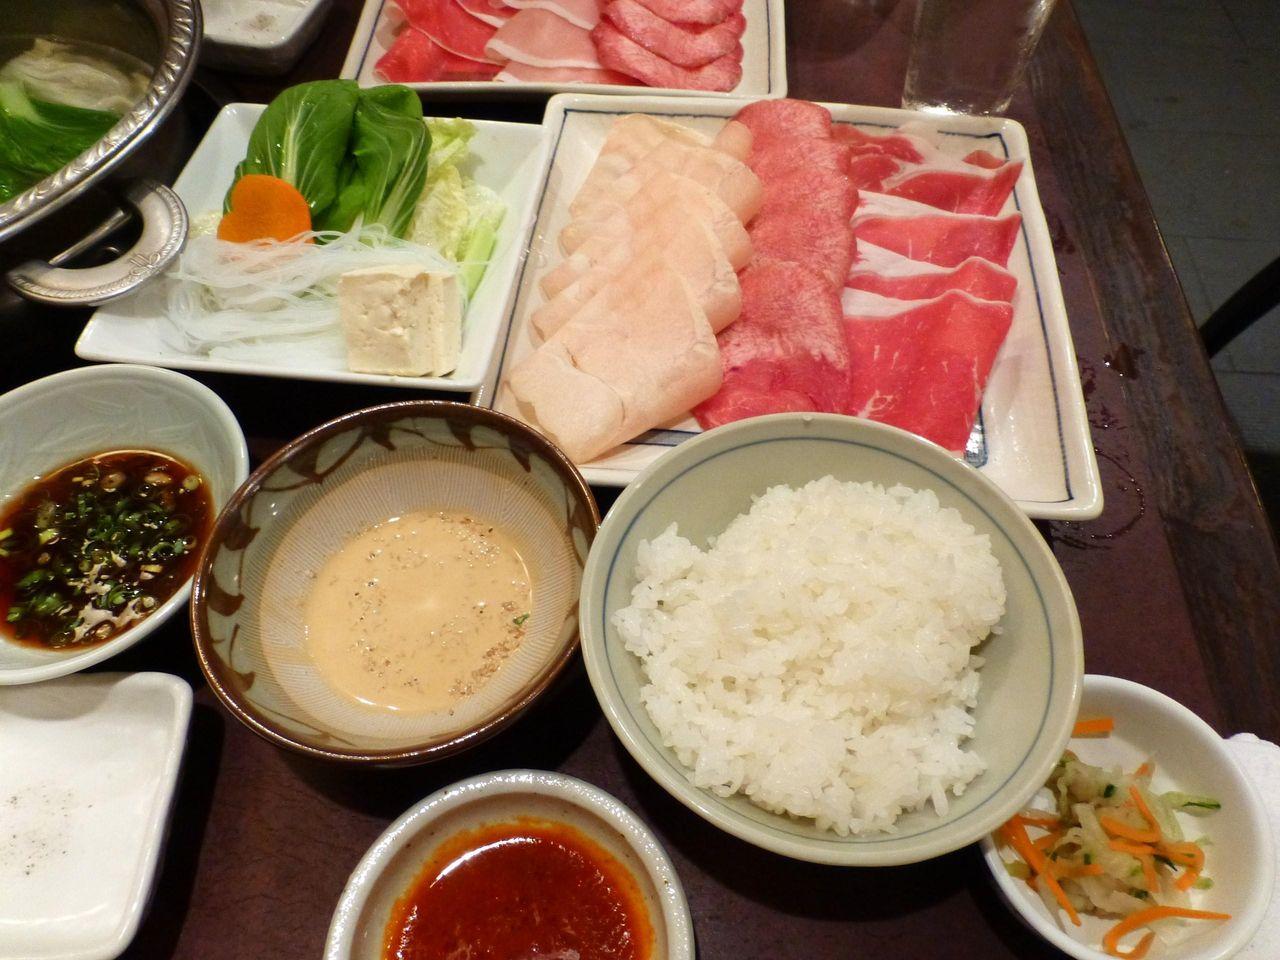 6種類の肉から3種類を選べます!三種盛合せセット1,150円